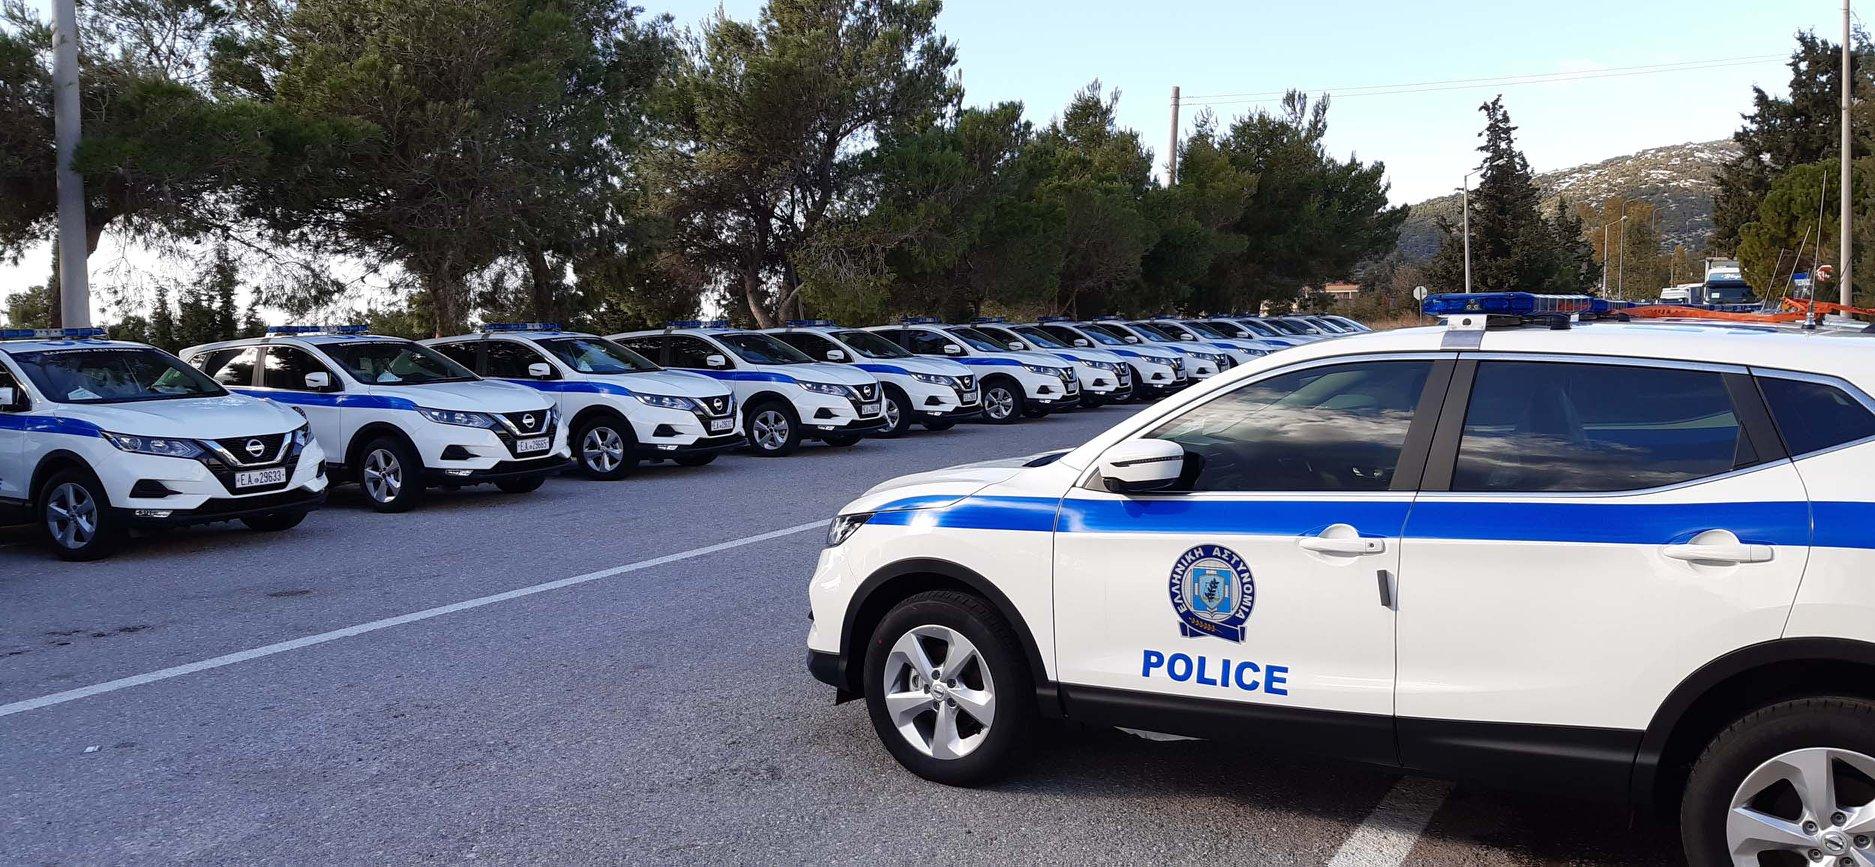 Nissan-Qashqai-greek-police-3